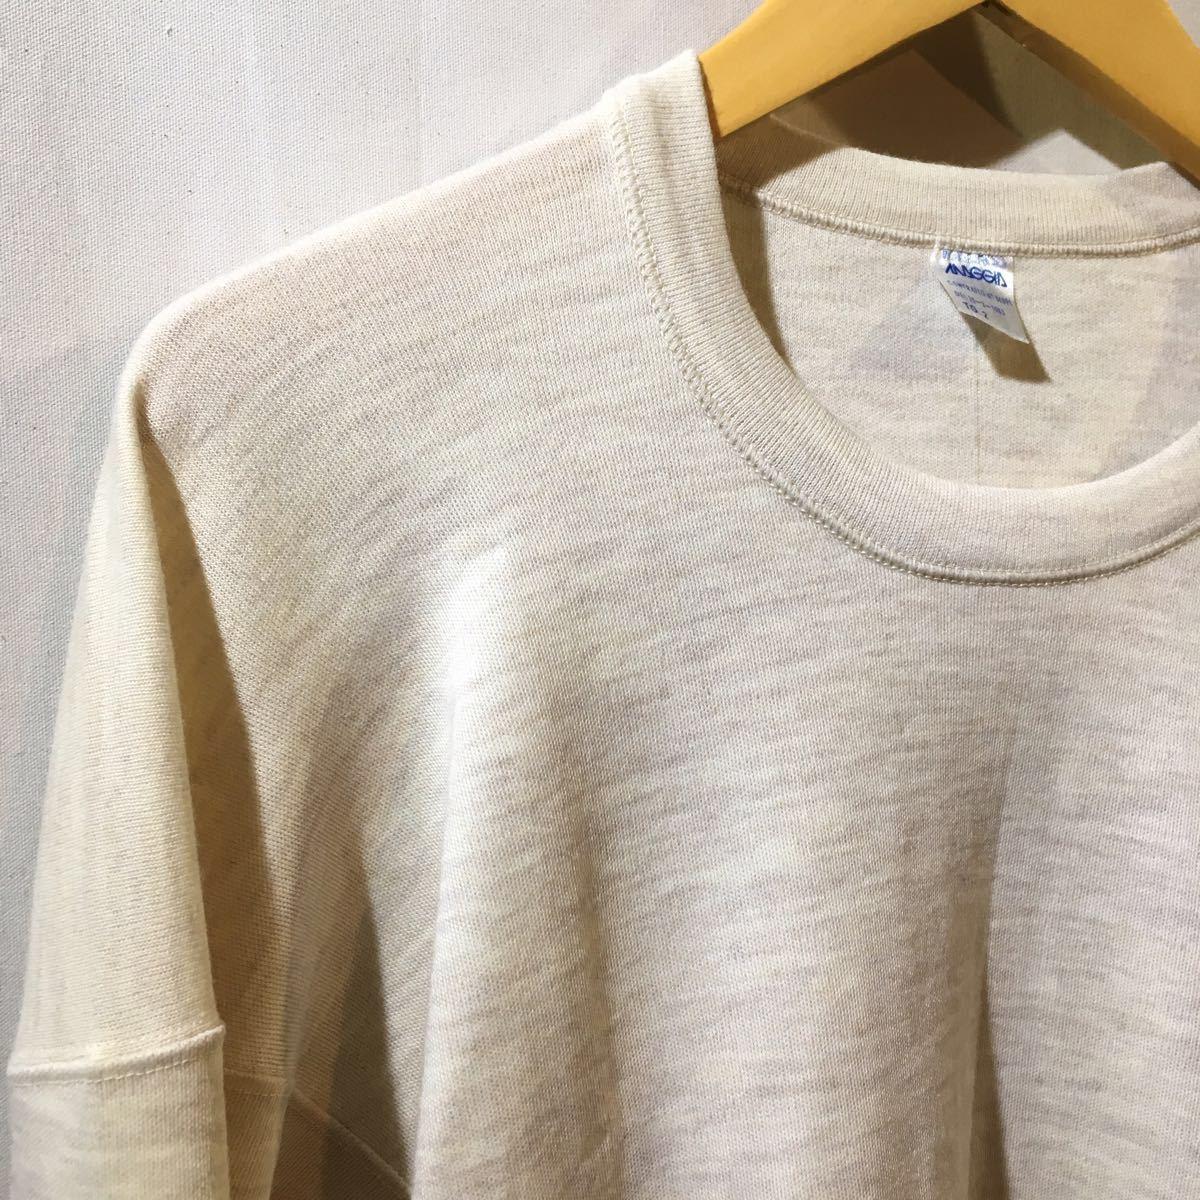 イタリア軍 1980's Dead Stock [Knit Sweater] セーター ニット ミリタリー ビンテージ フランス軍 イギリス軍 実物 ユーロ ヨーロッパ_画像6